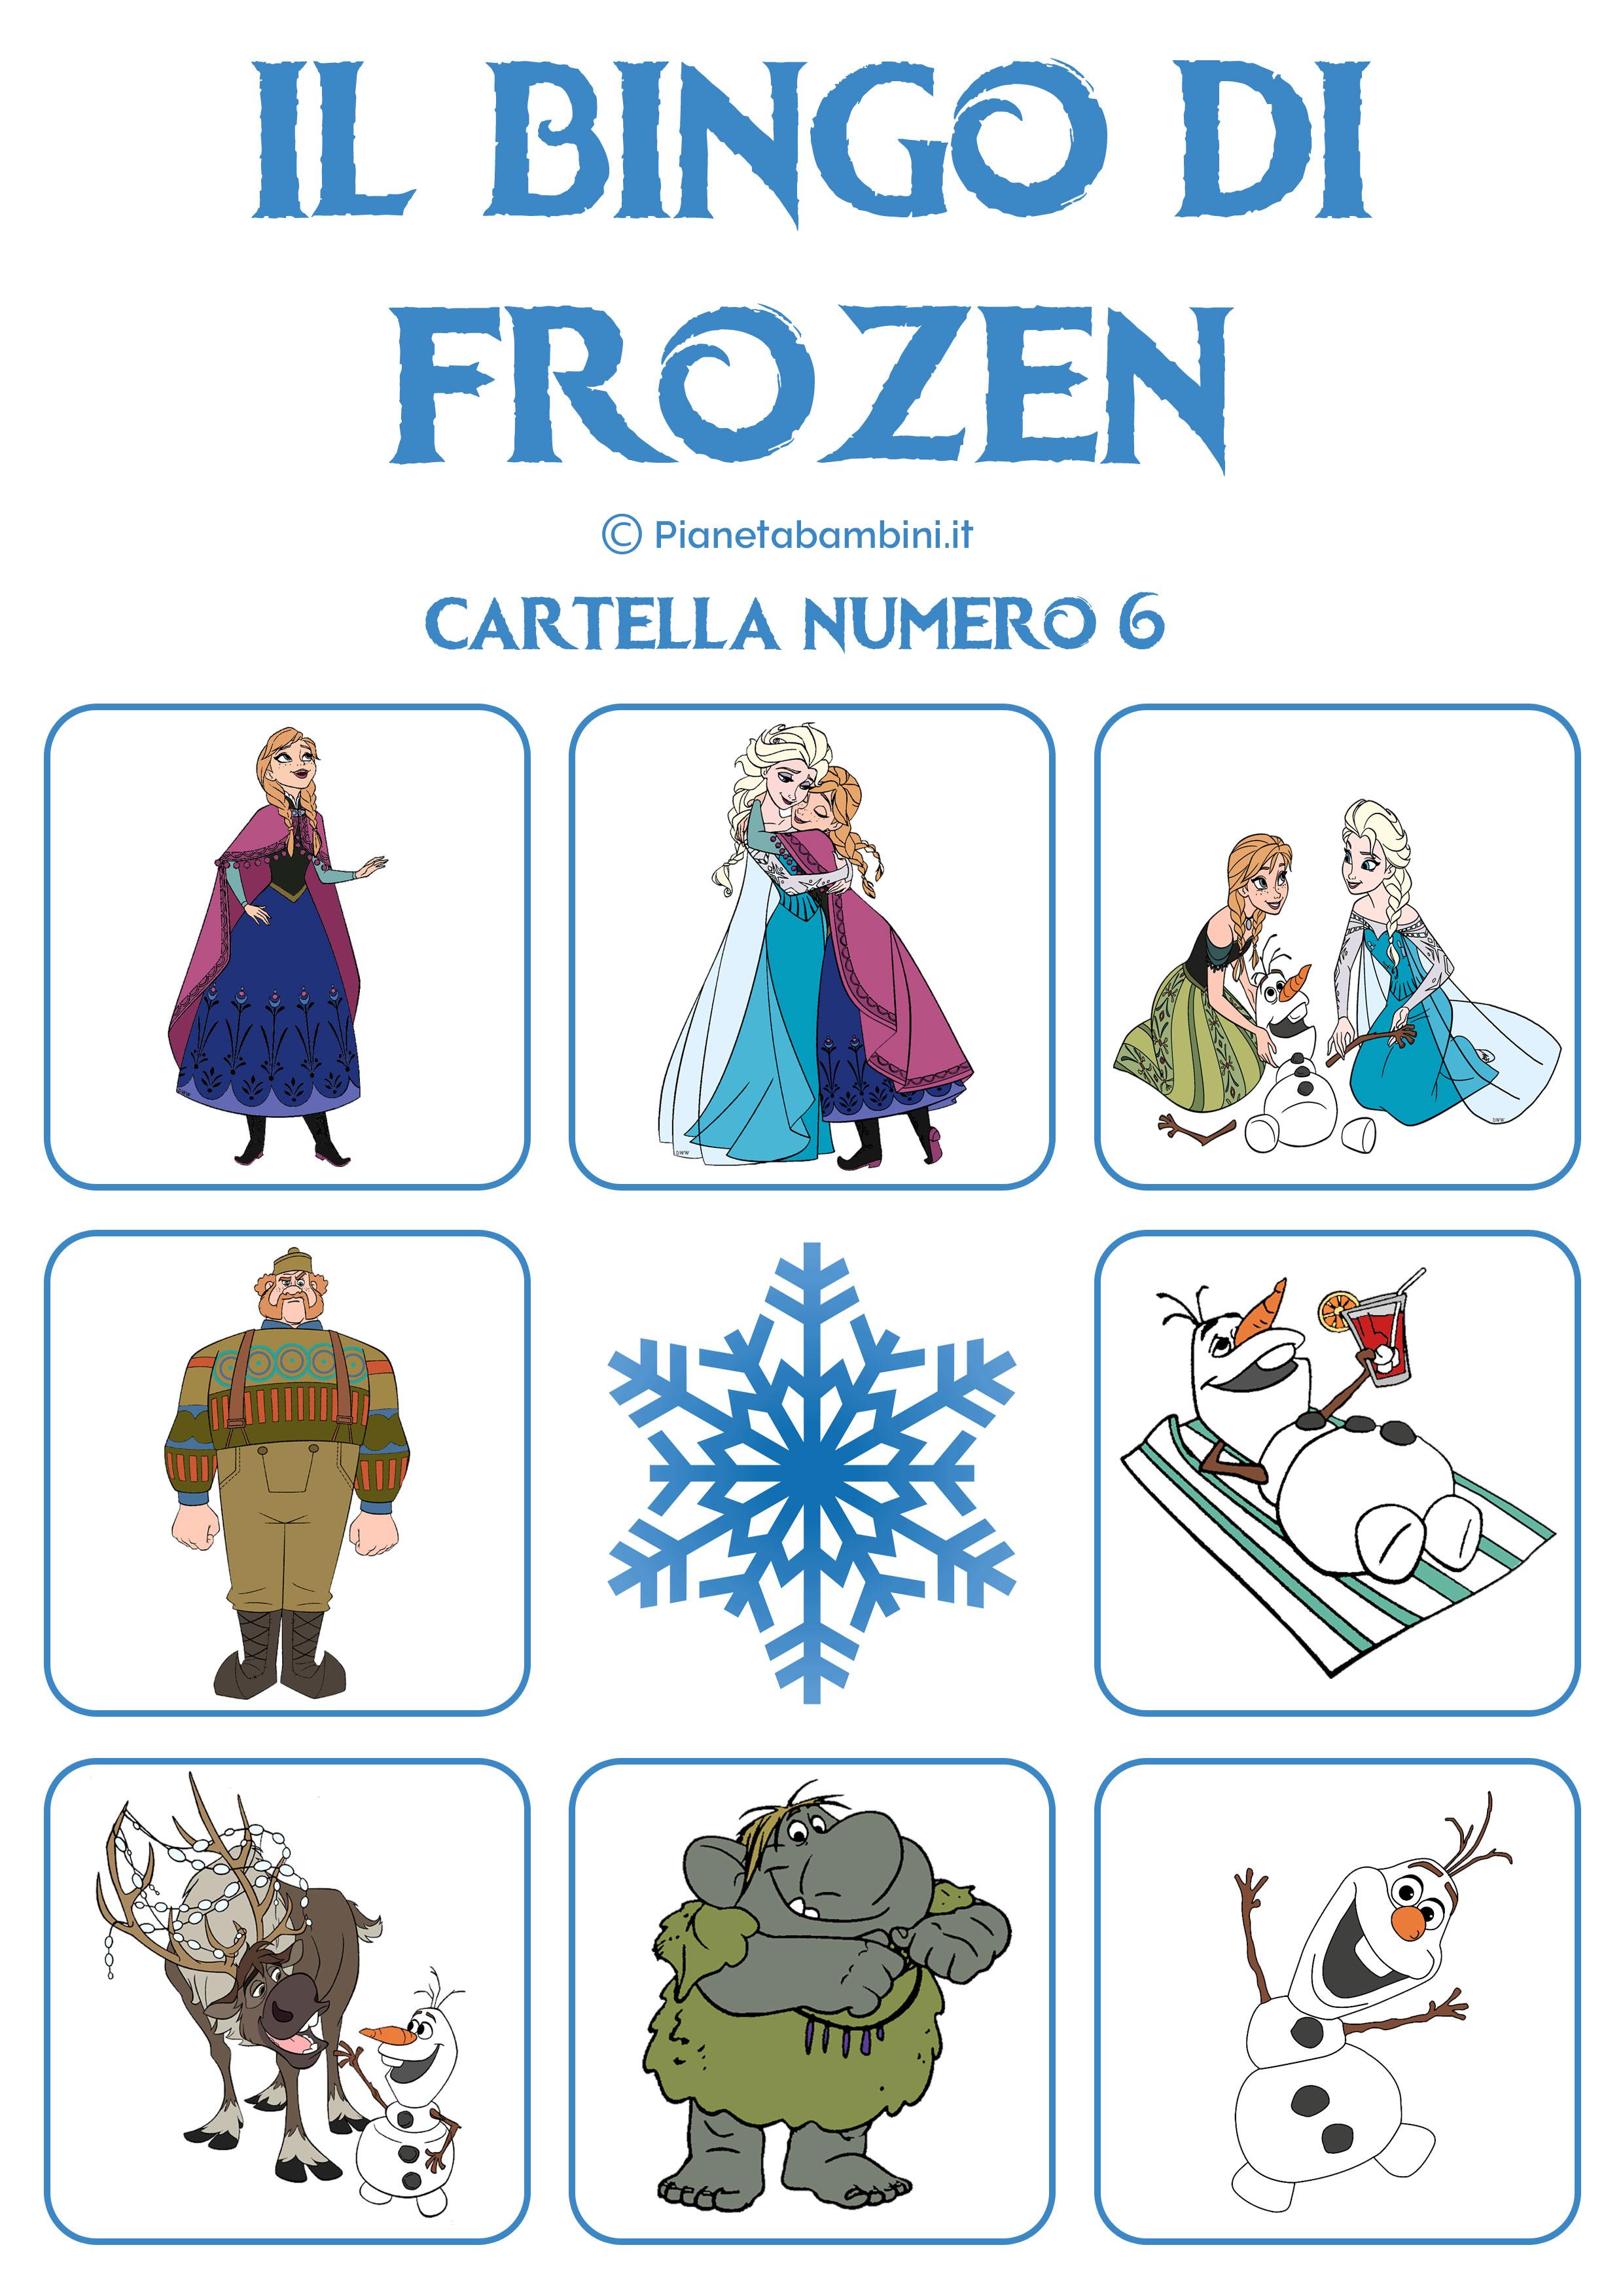 Bingo-Frozen-Cartella-6